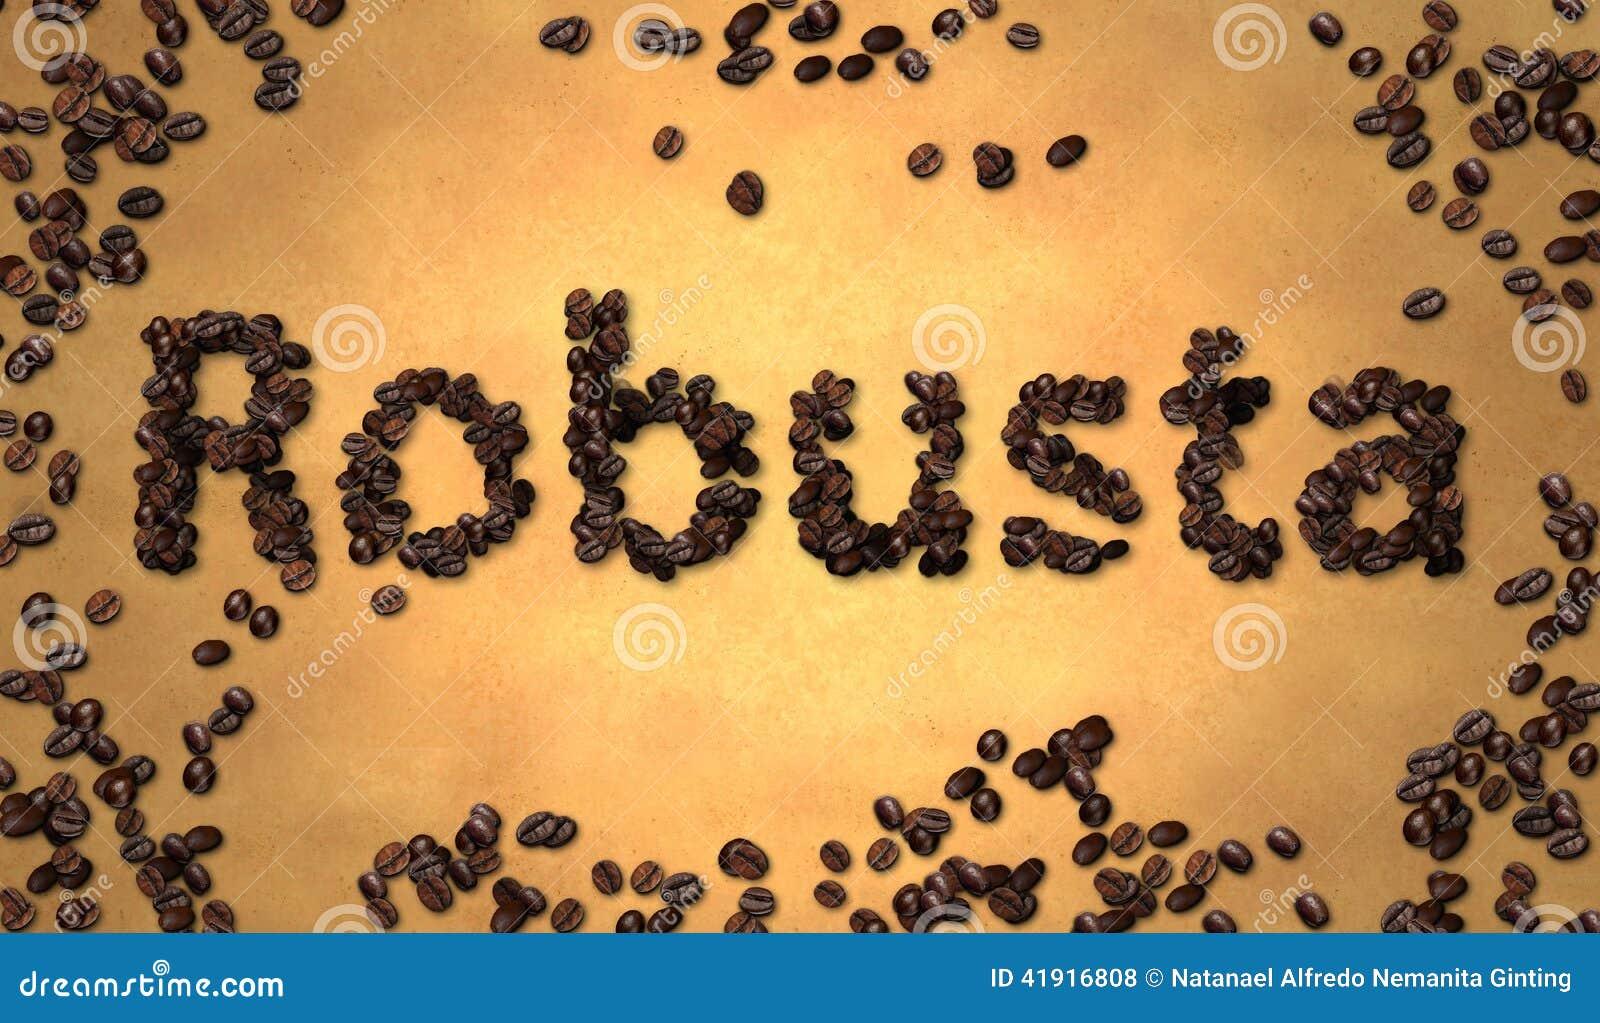 Grano de café Robusta en el papel viejo